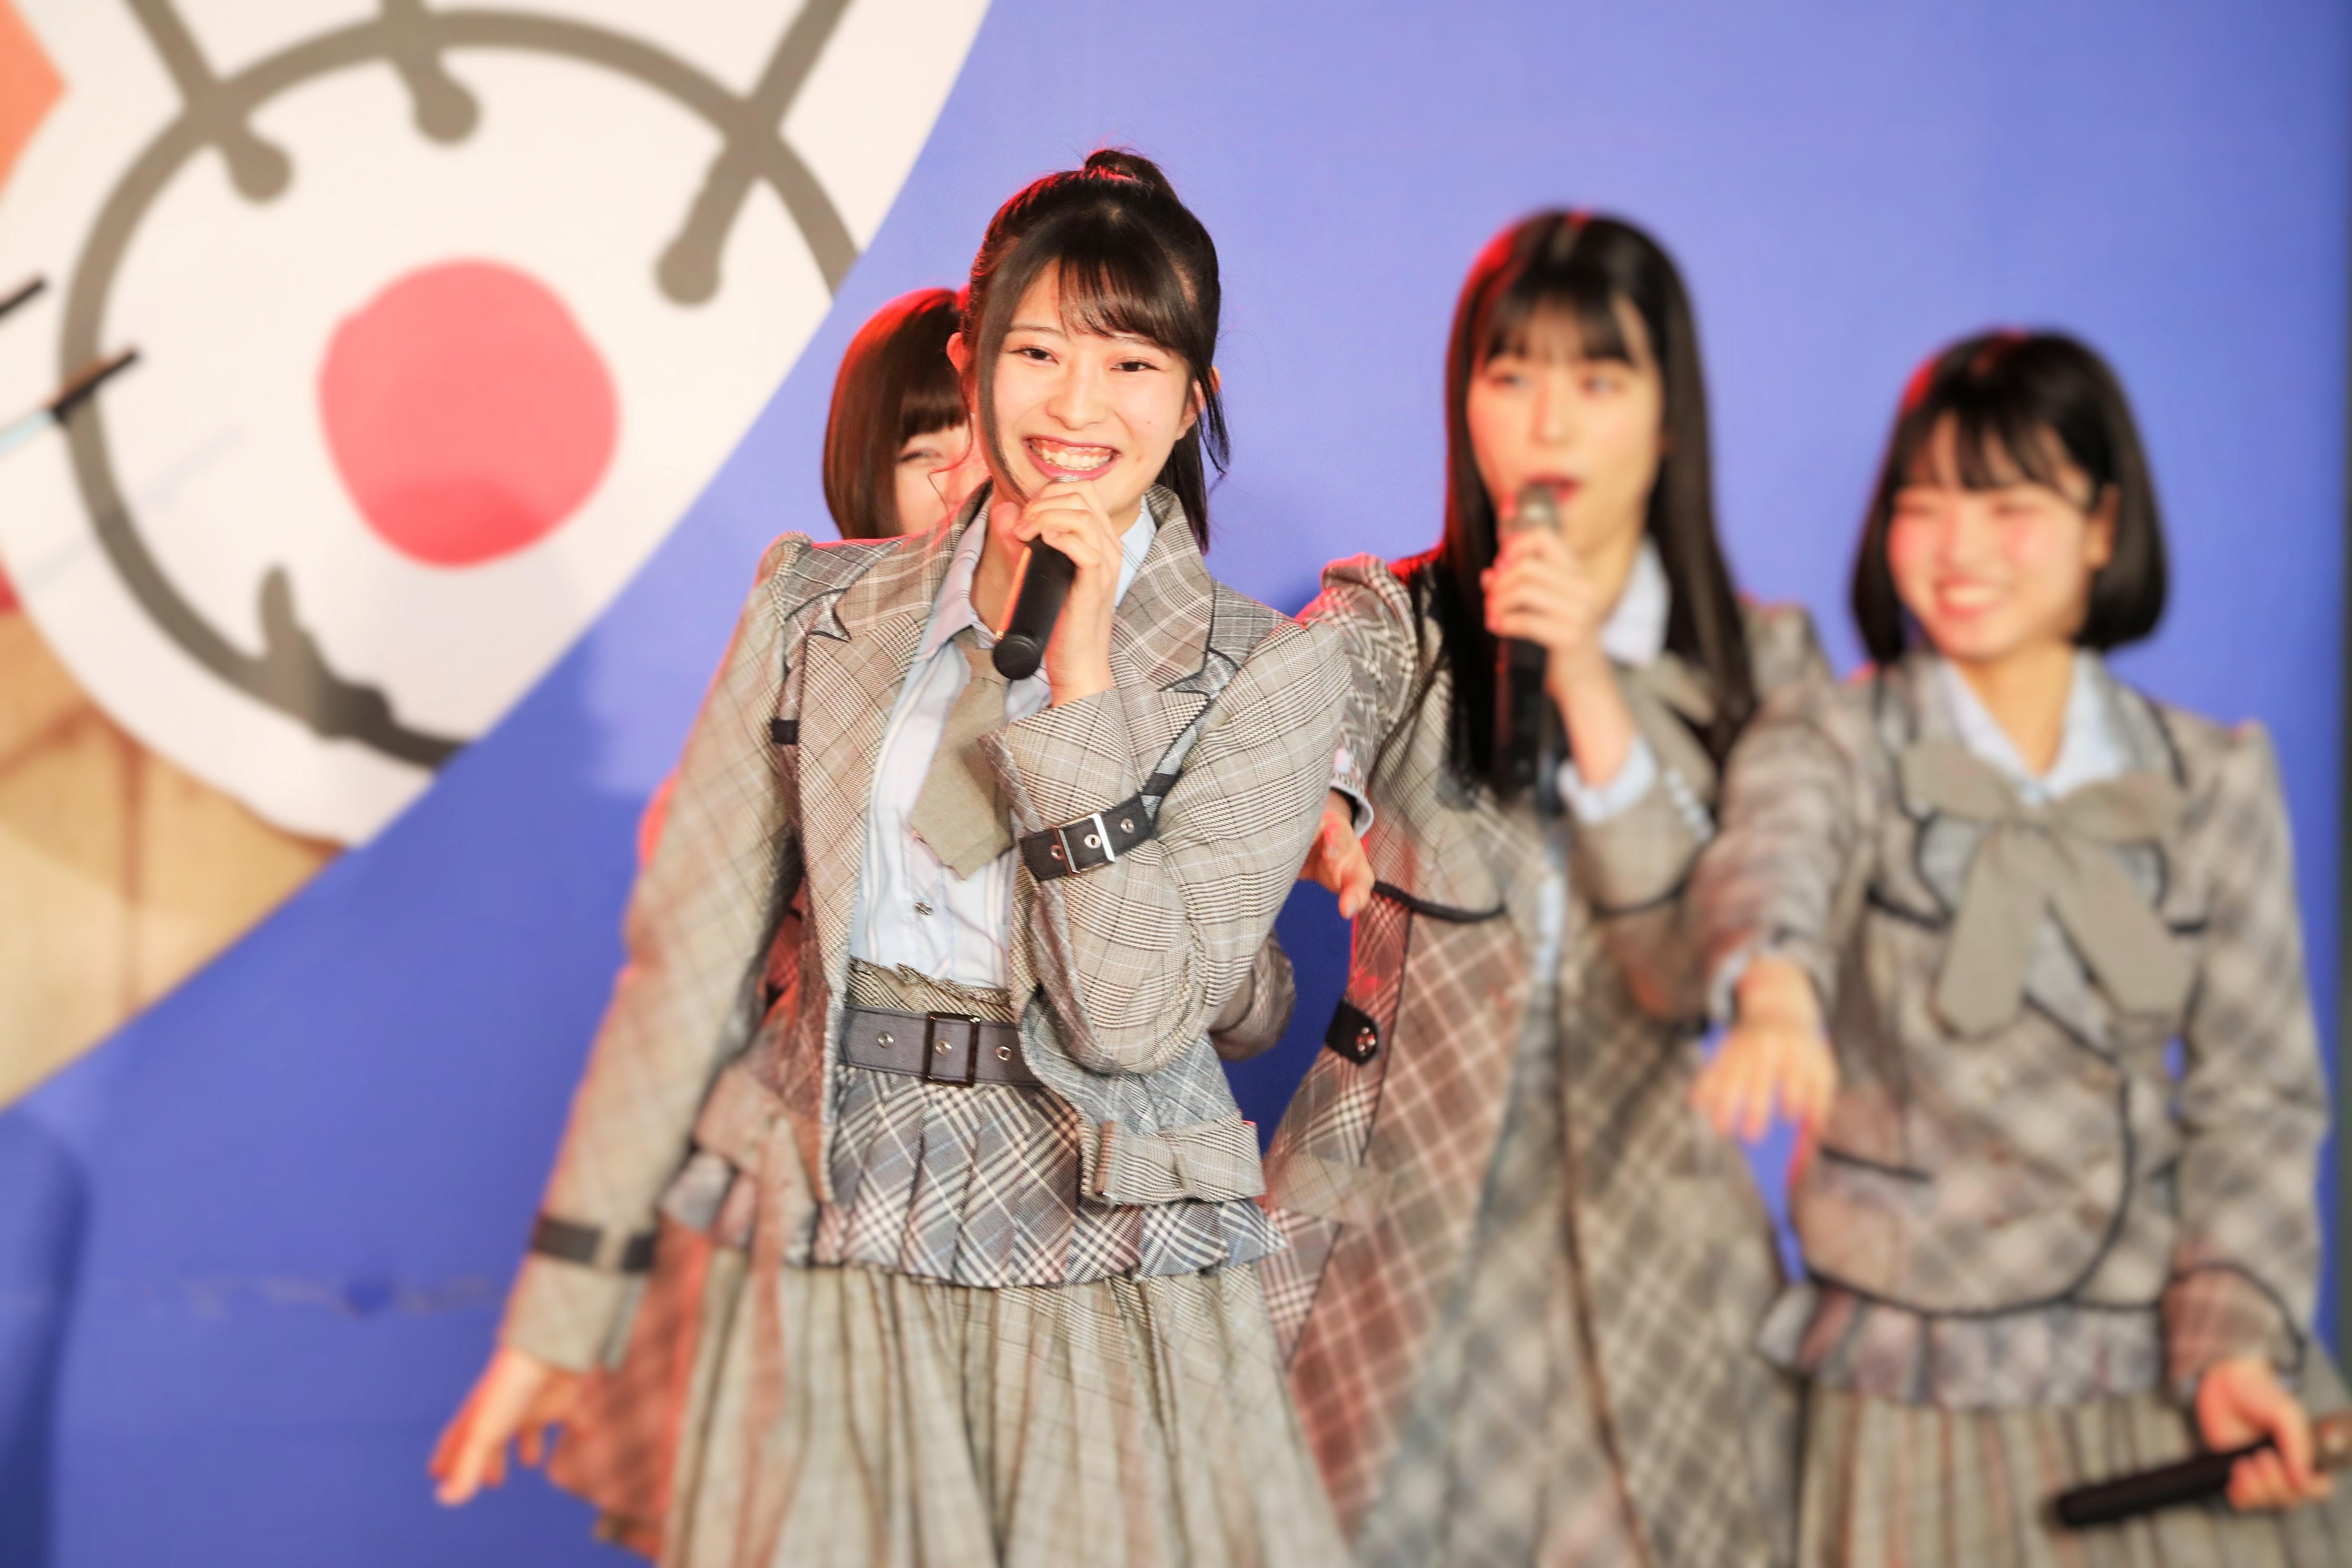 「フジさんのヨコ」で「ハート型ウィルス」を歌う行天優莉奈(2019年5月12日)